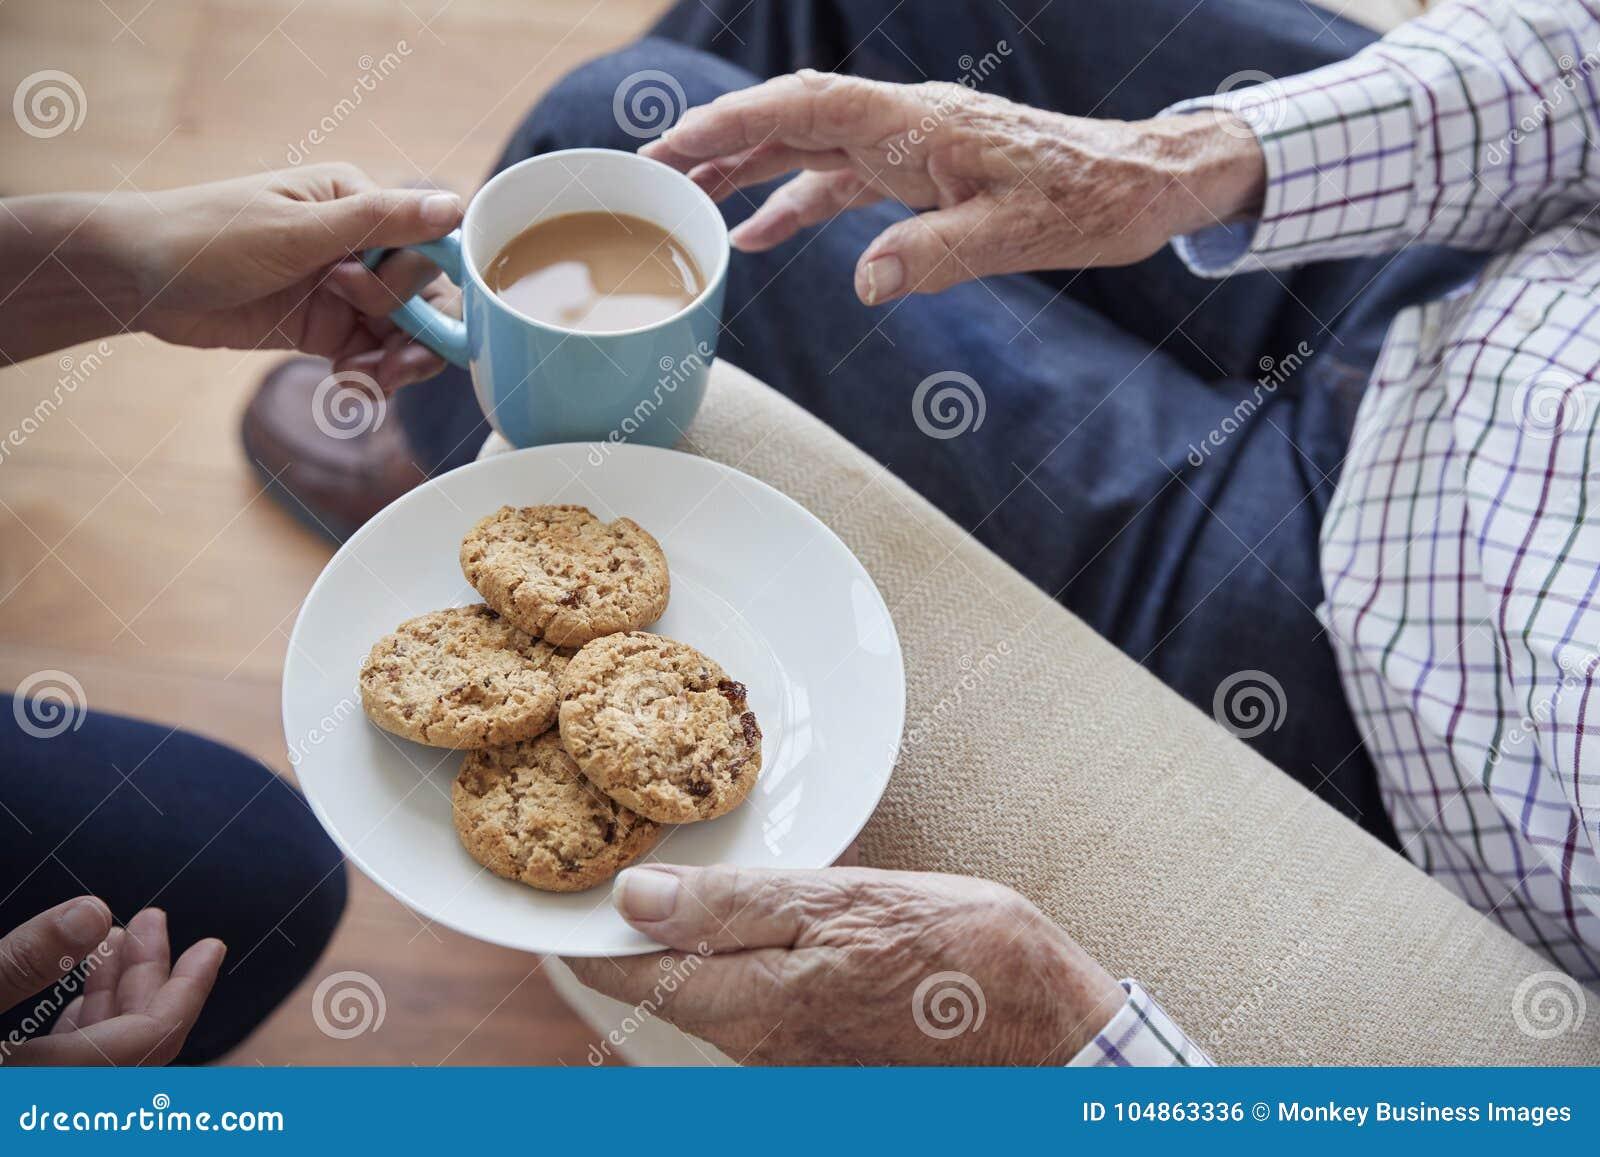 A mulher passa o chá e os biscoitos a um homem superior assentado, detalhe